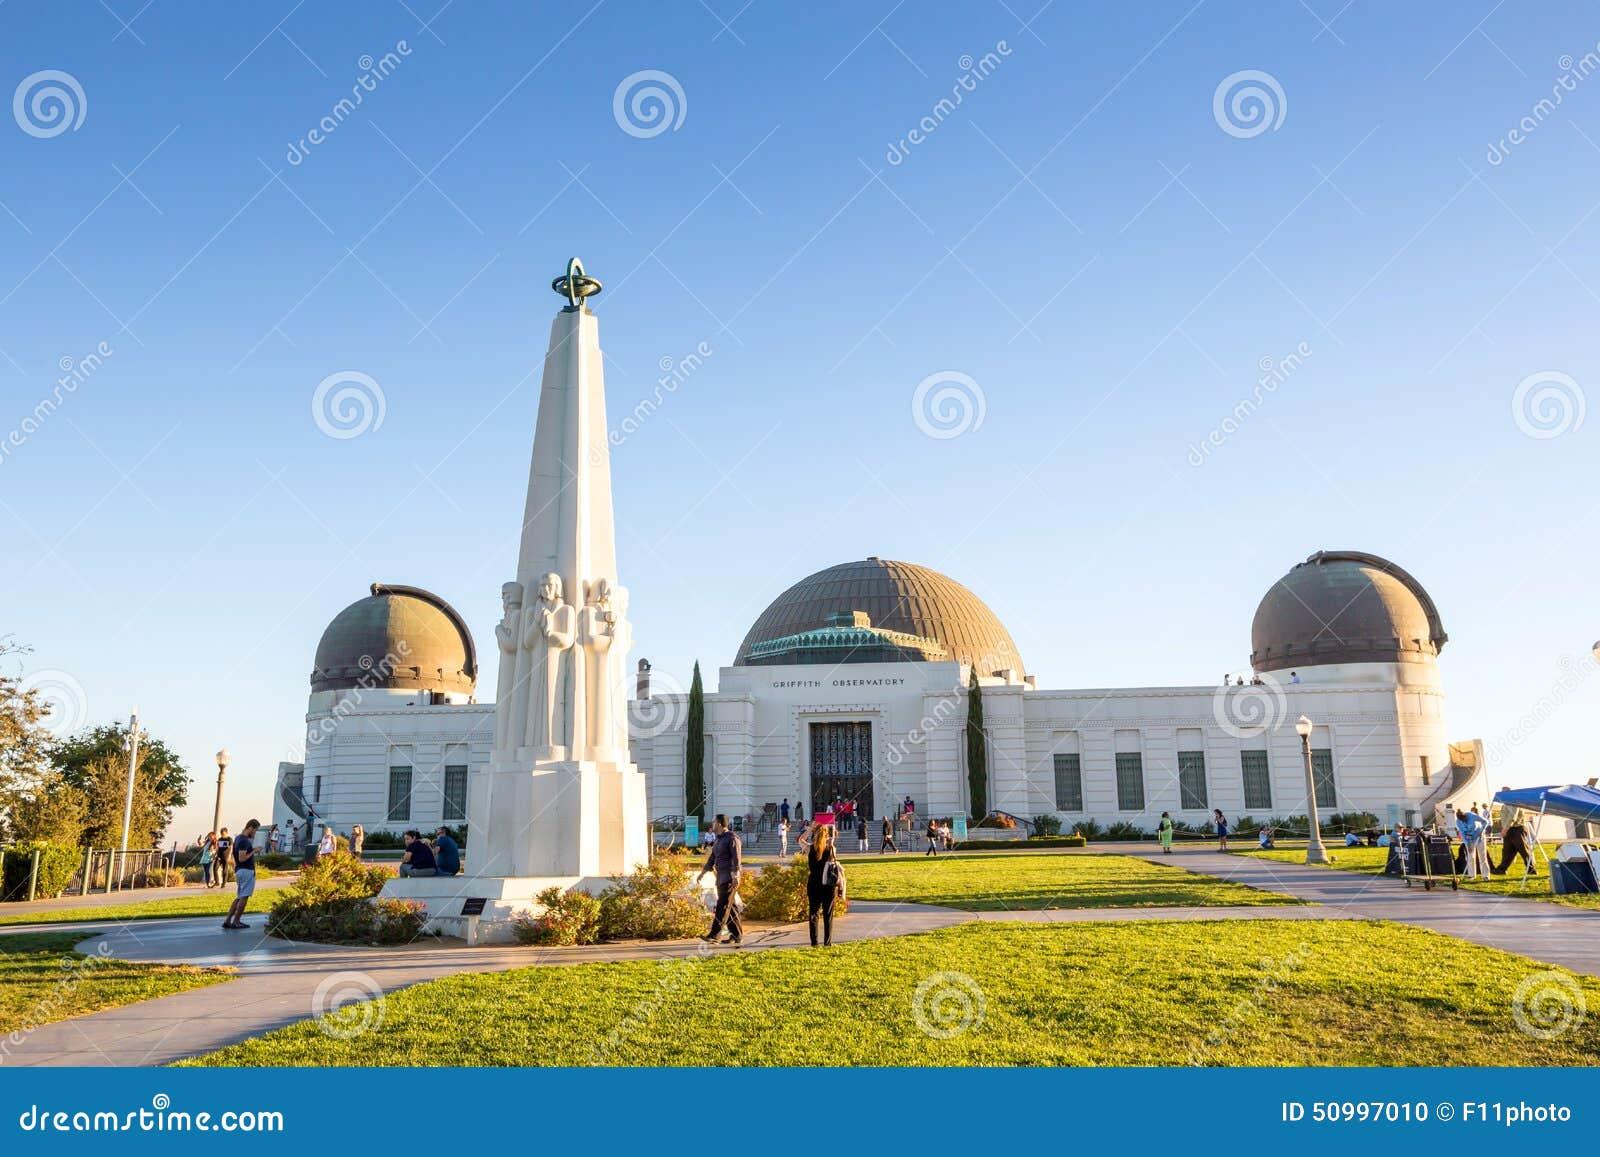 Observatorio de Griffith en Los Ángeles